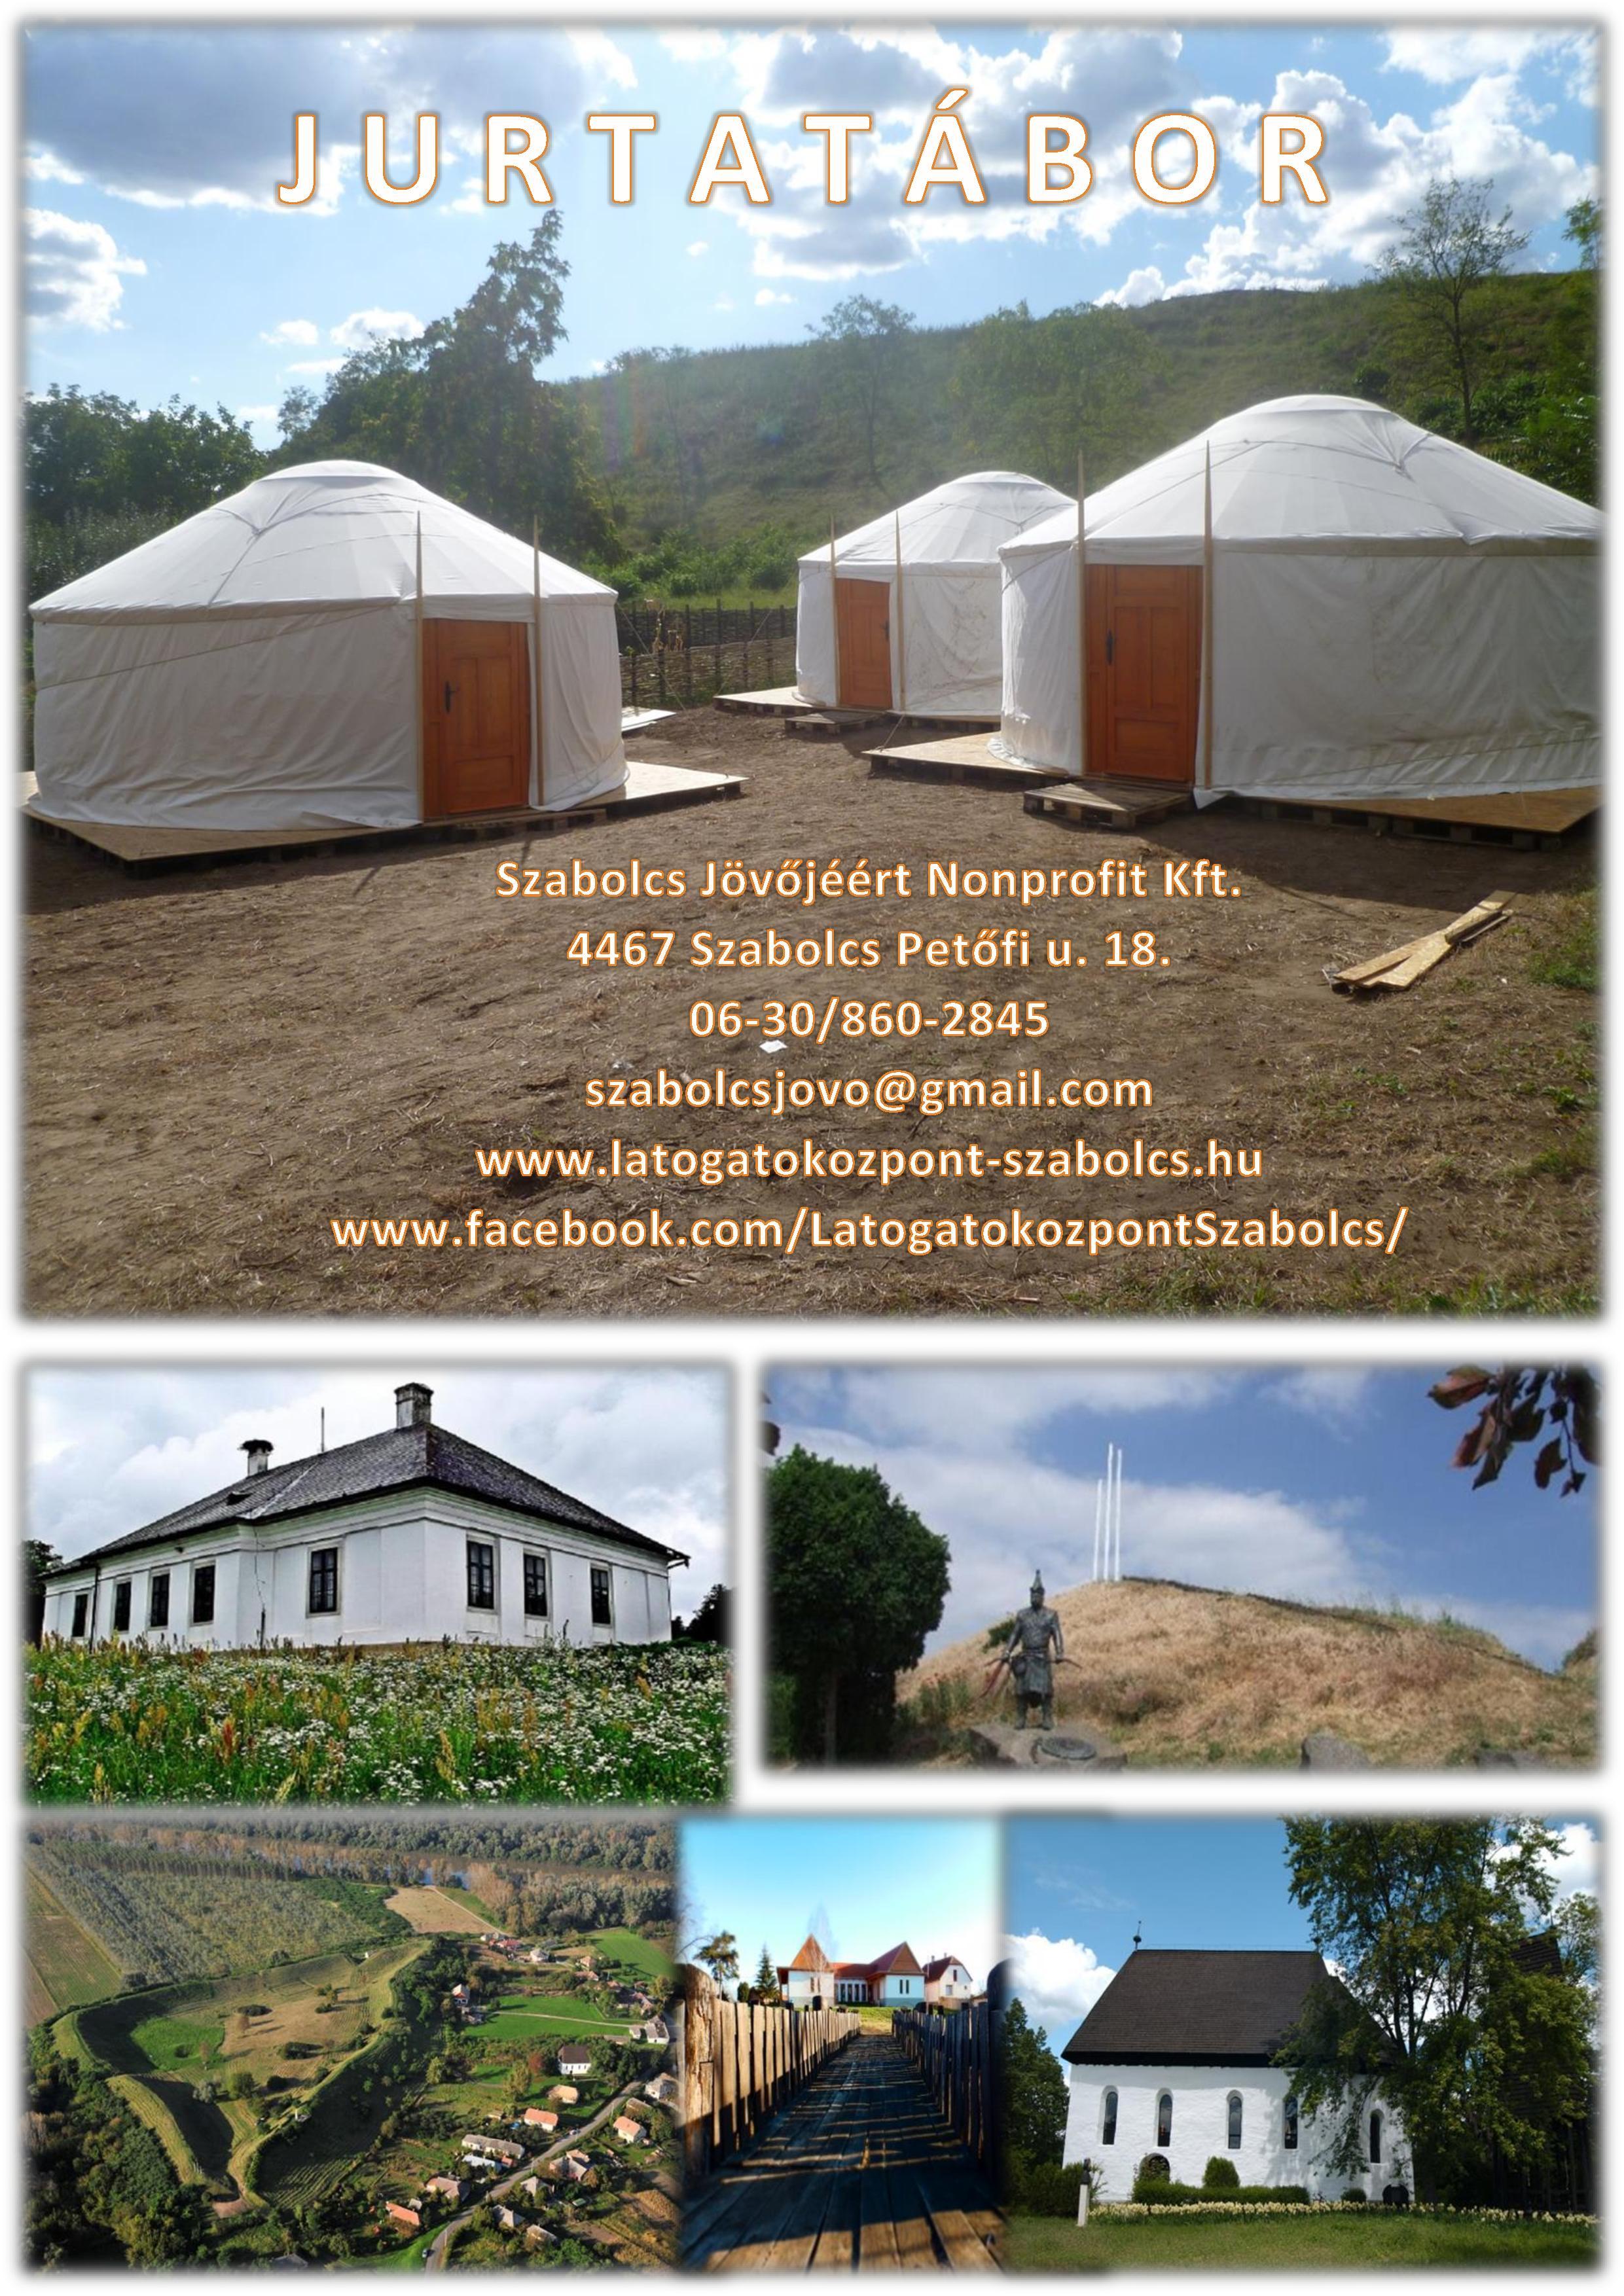 jurta tábor plakát terv-page-001